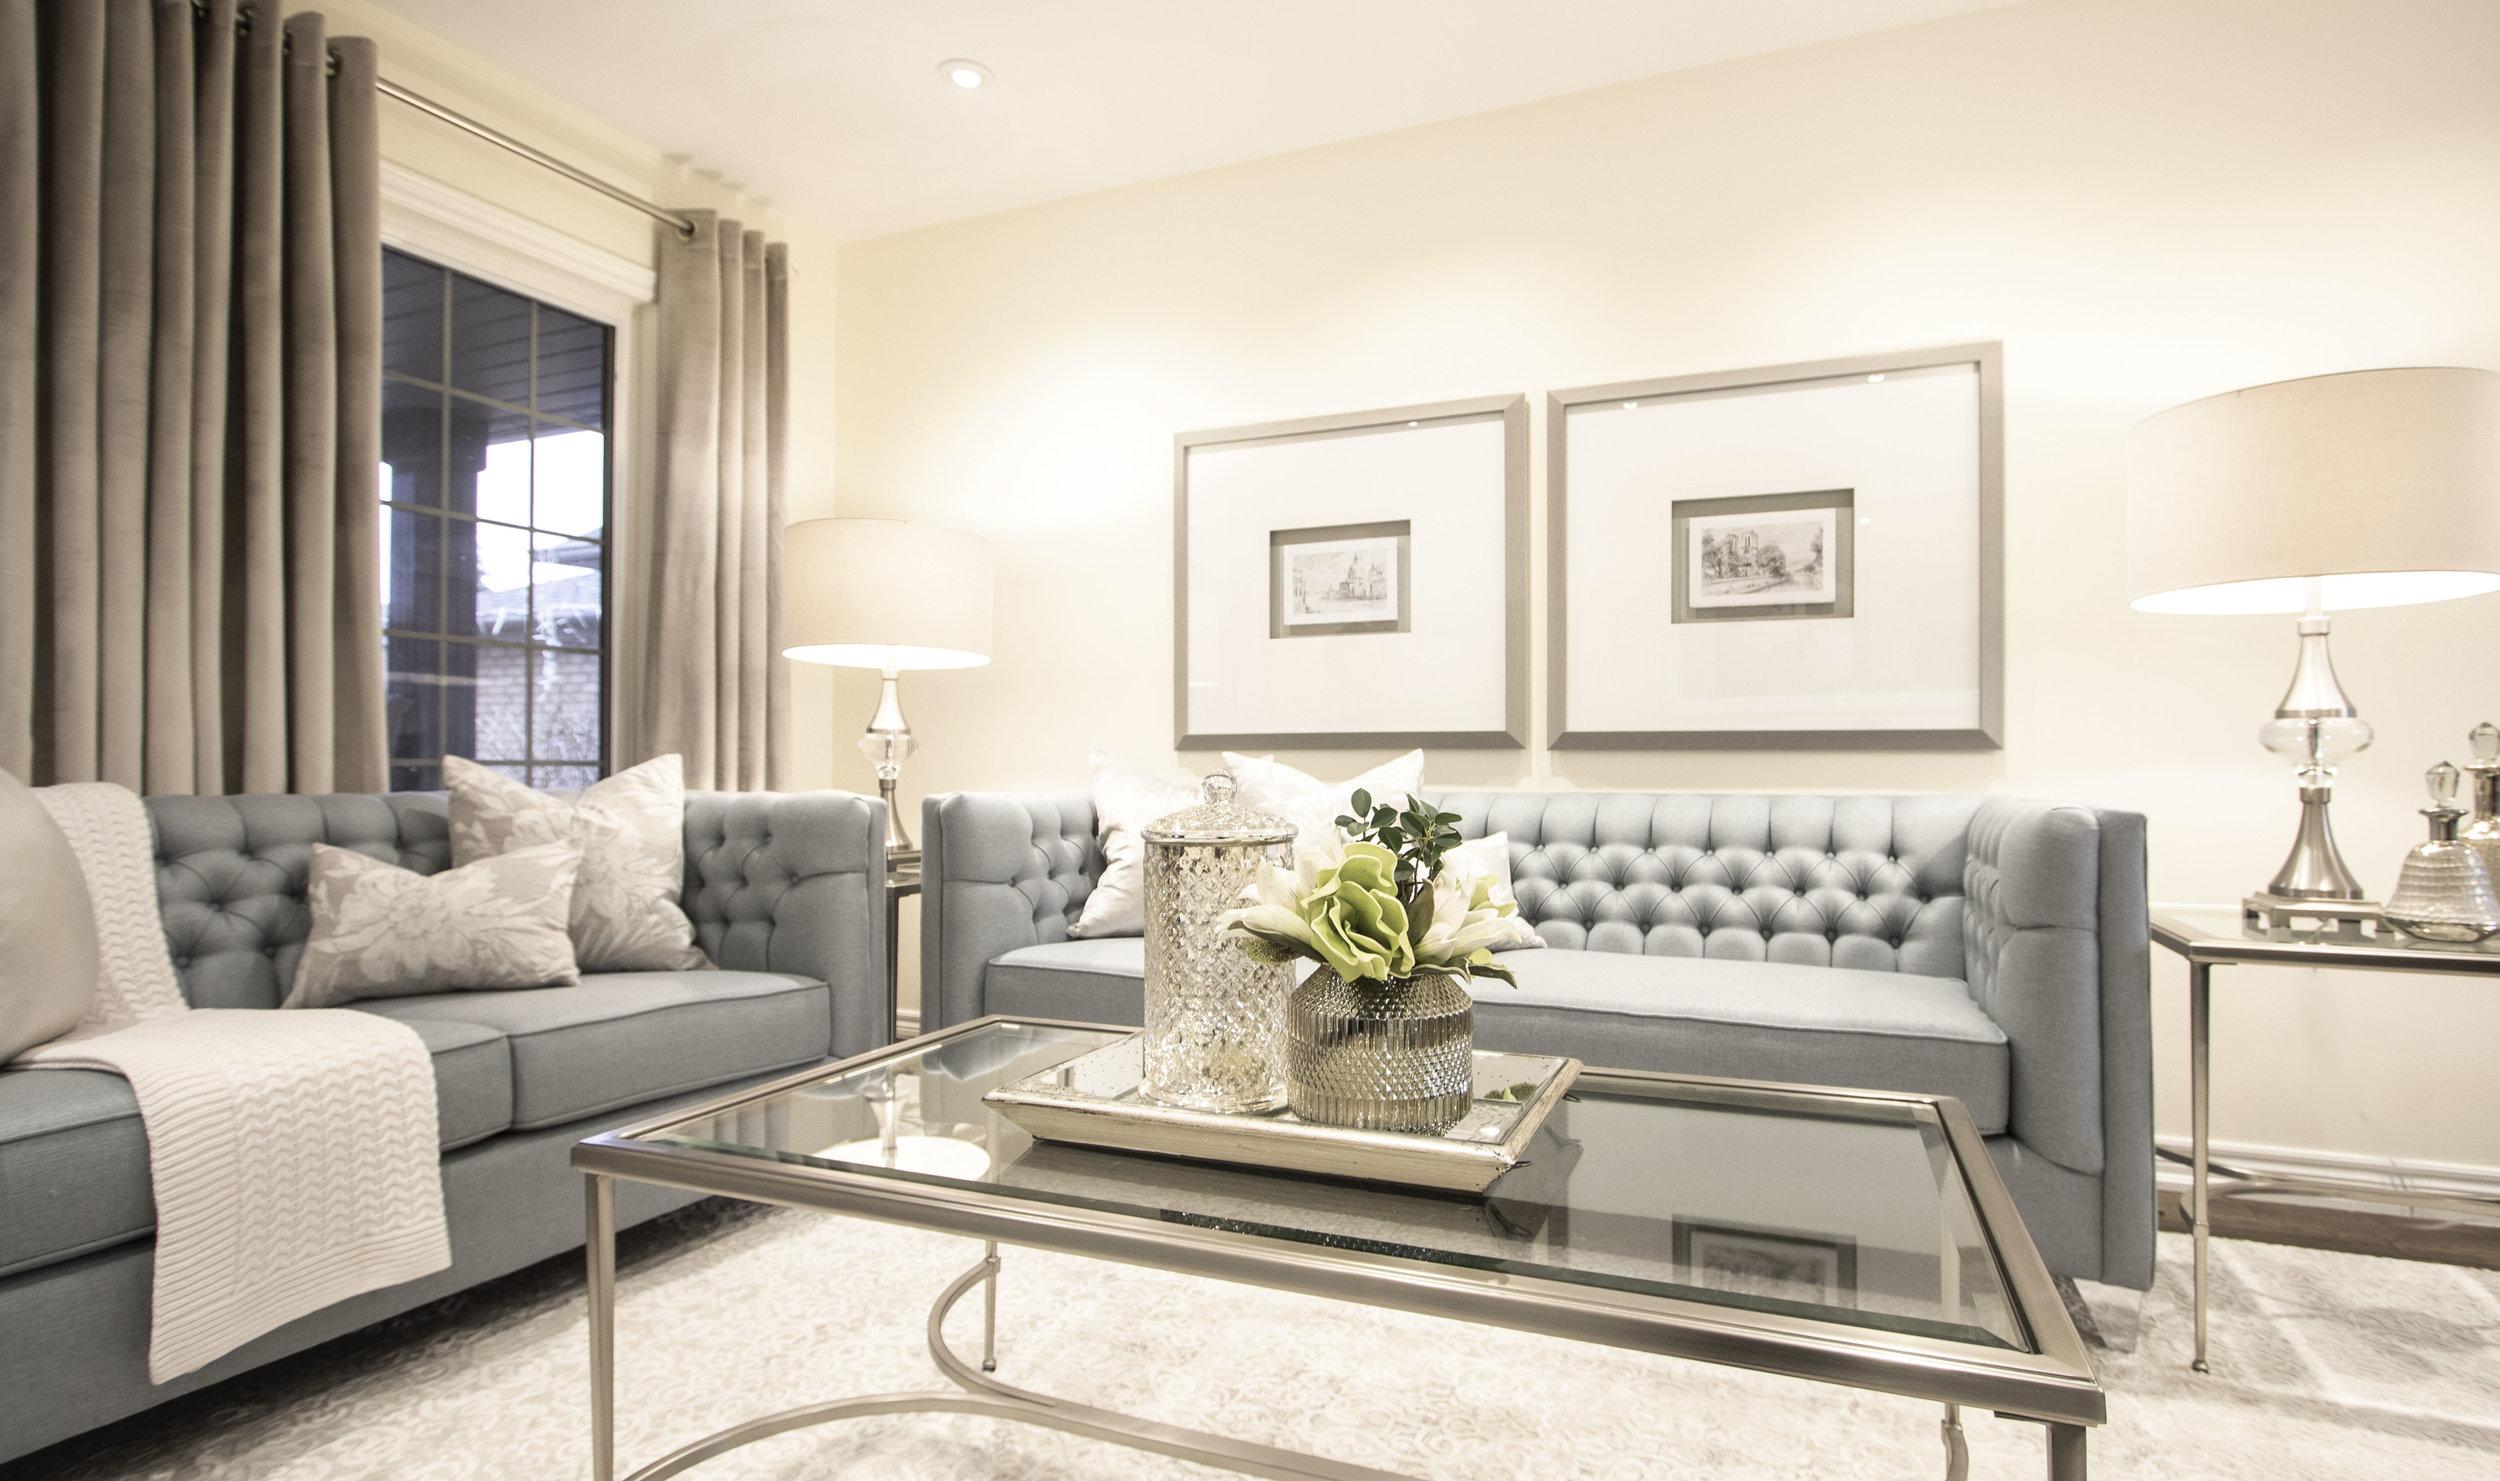 livingroomblueinstall.jpg